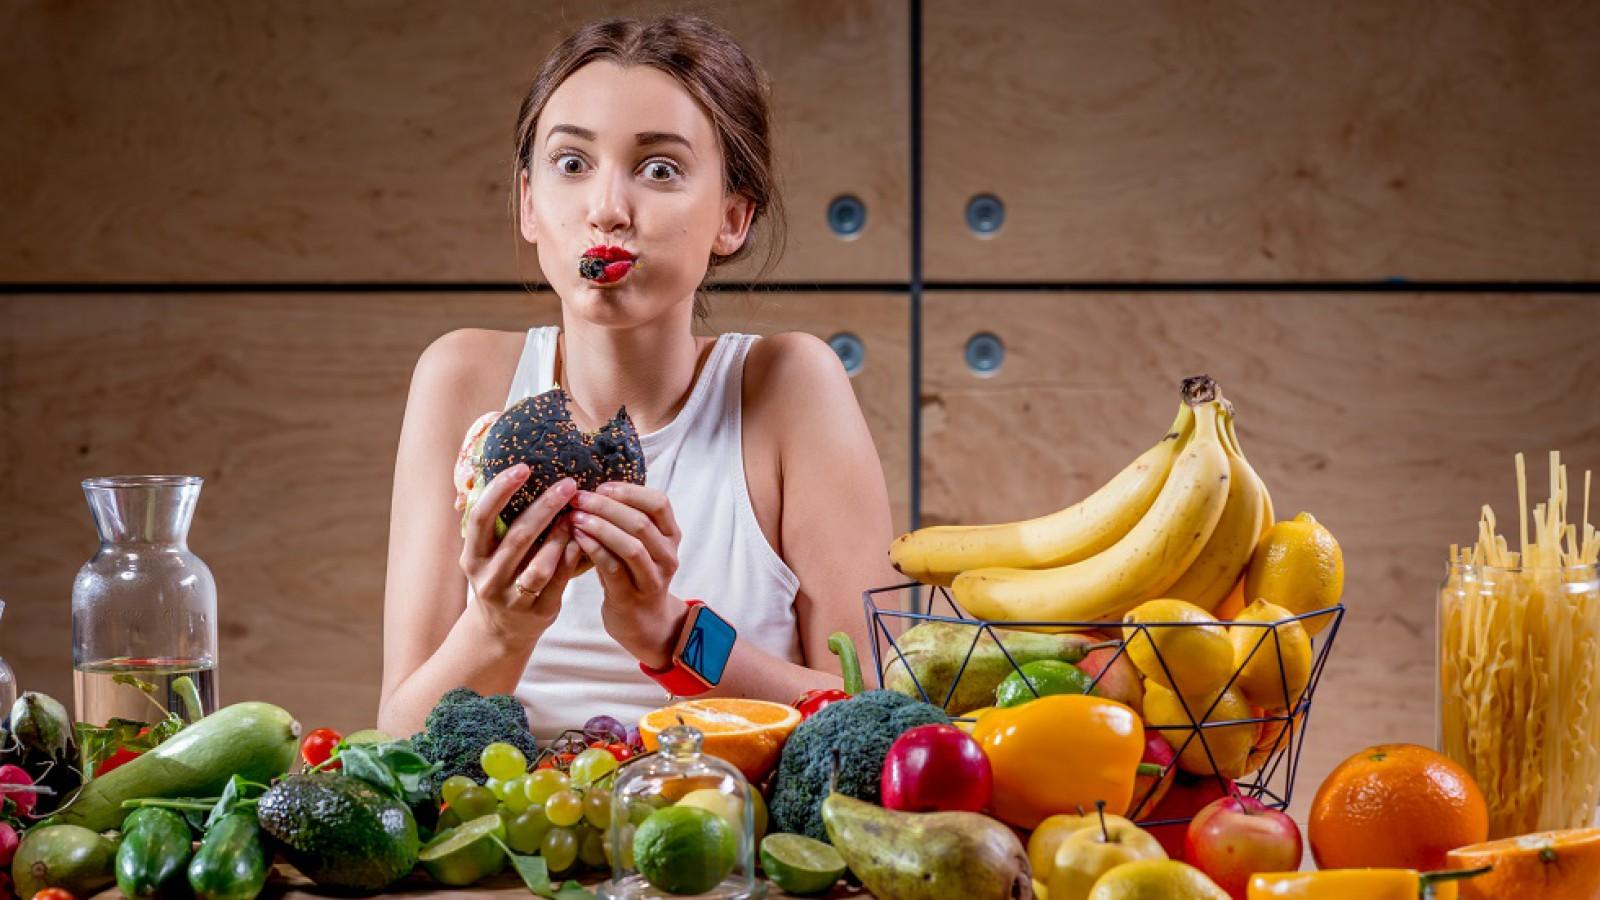 Cinci greșeli frecvente pe care trebuie să le evităm când ne e foame